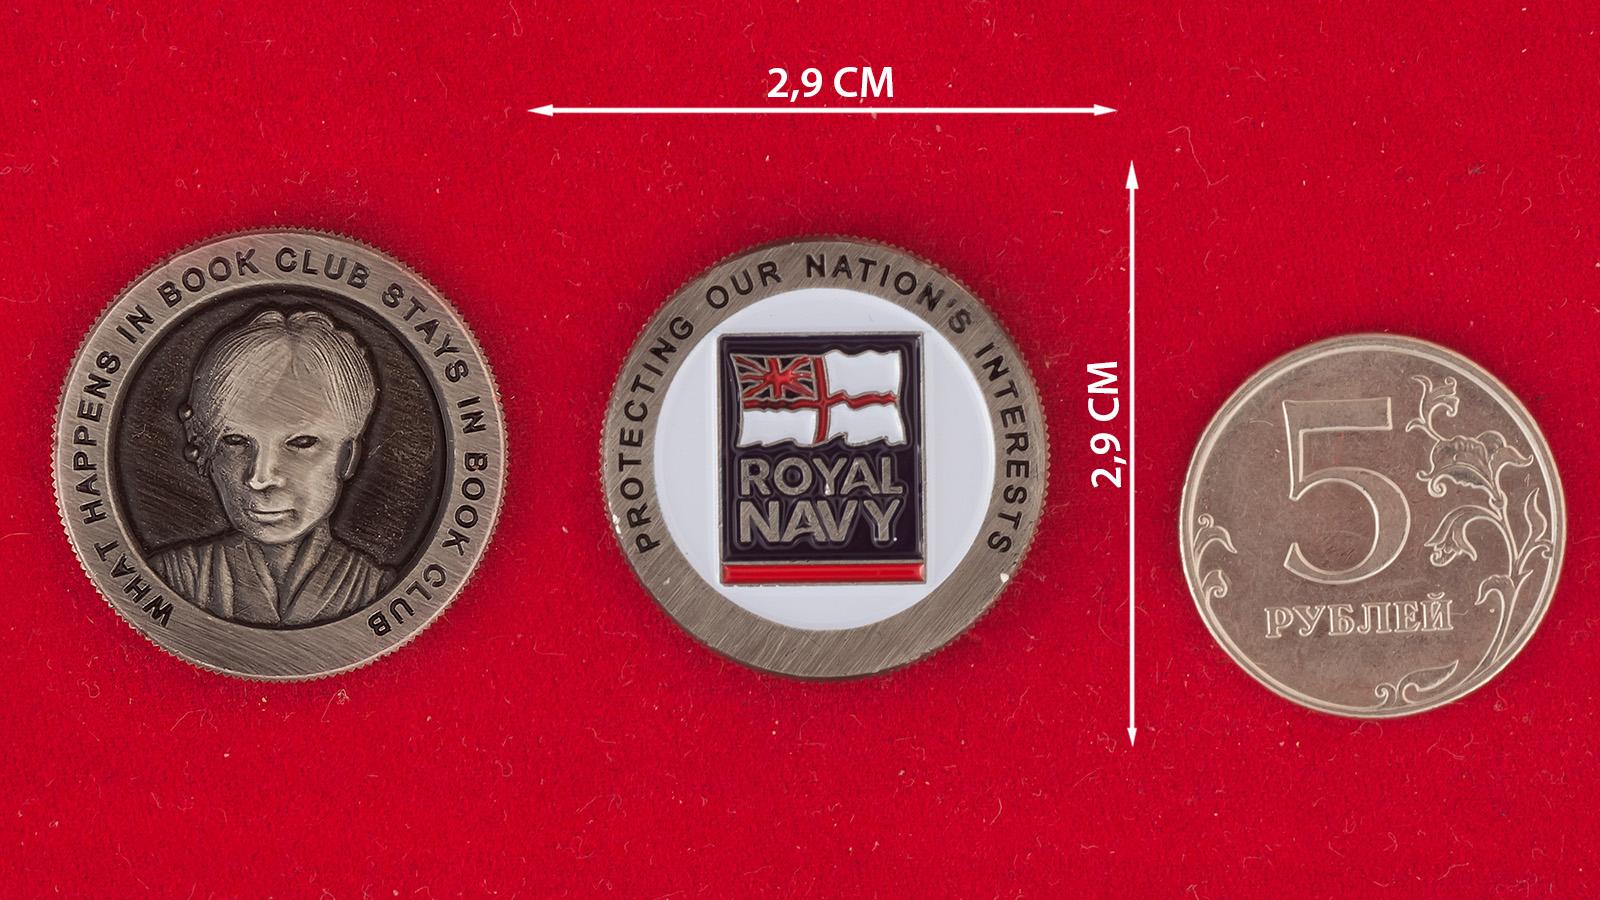 Челлендж коин книжного клуба Королевских ВМС Великобритании - сравнительный размер